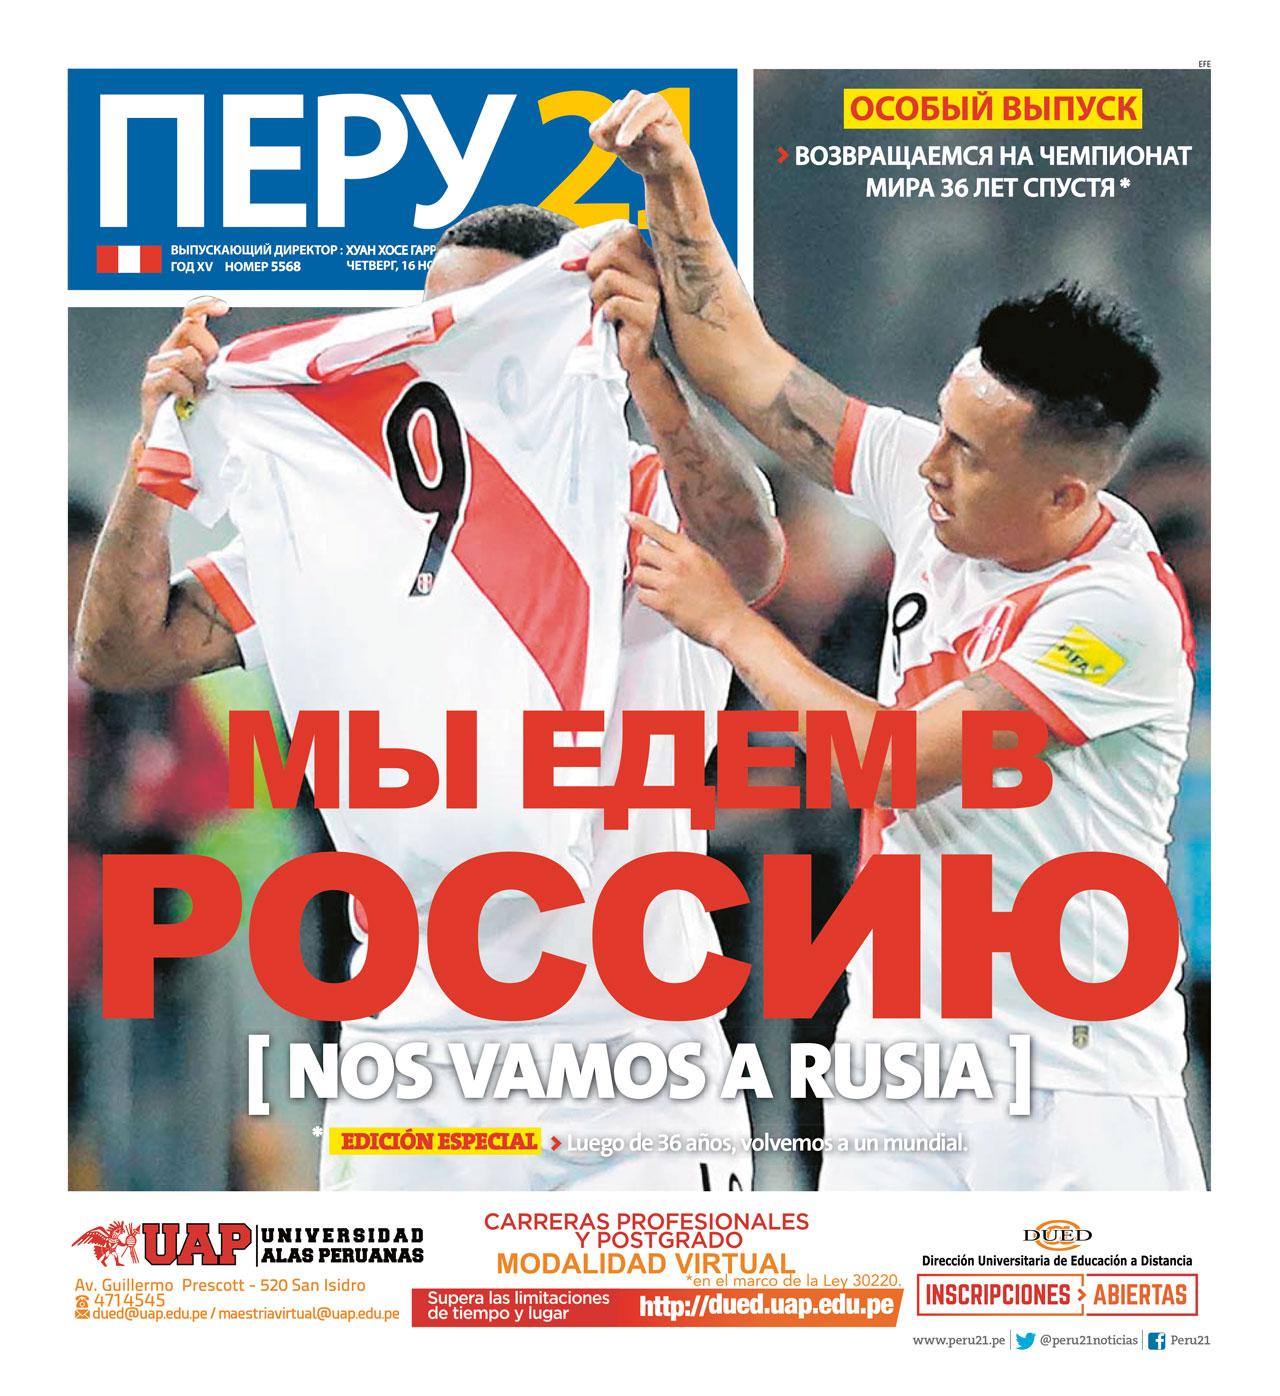 O jornal <i>Peru 21</i> comemora, em cirílico, a histórica classificação da equipe nacional